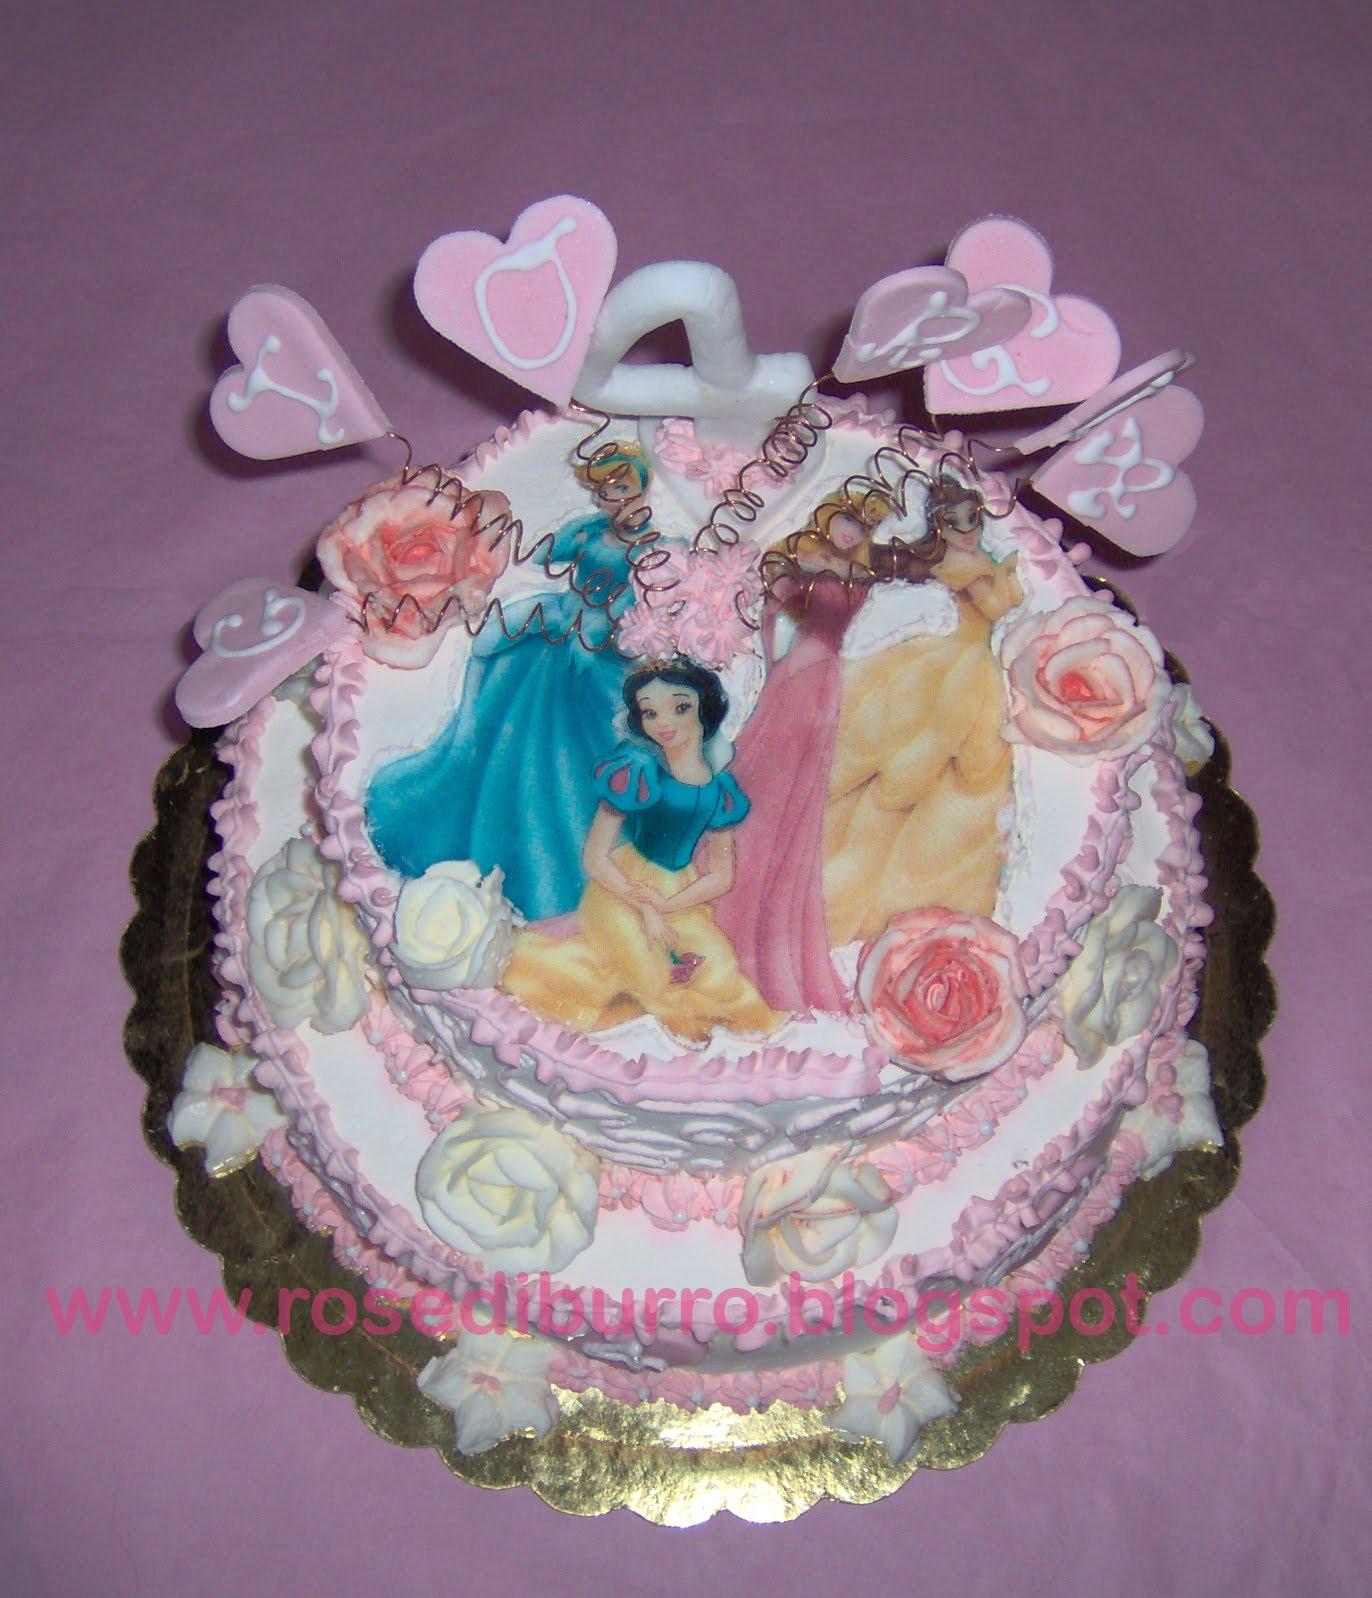 ... una torta di compleanno, ho pensato subito a qualcosa del genere